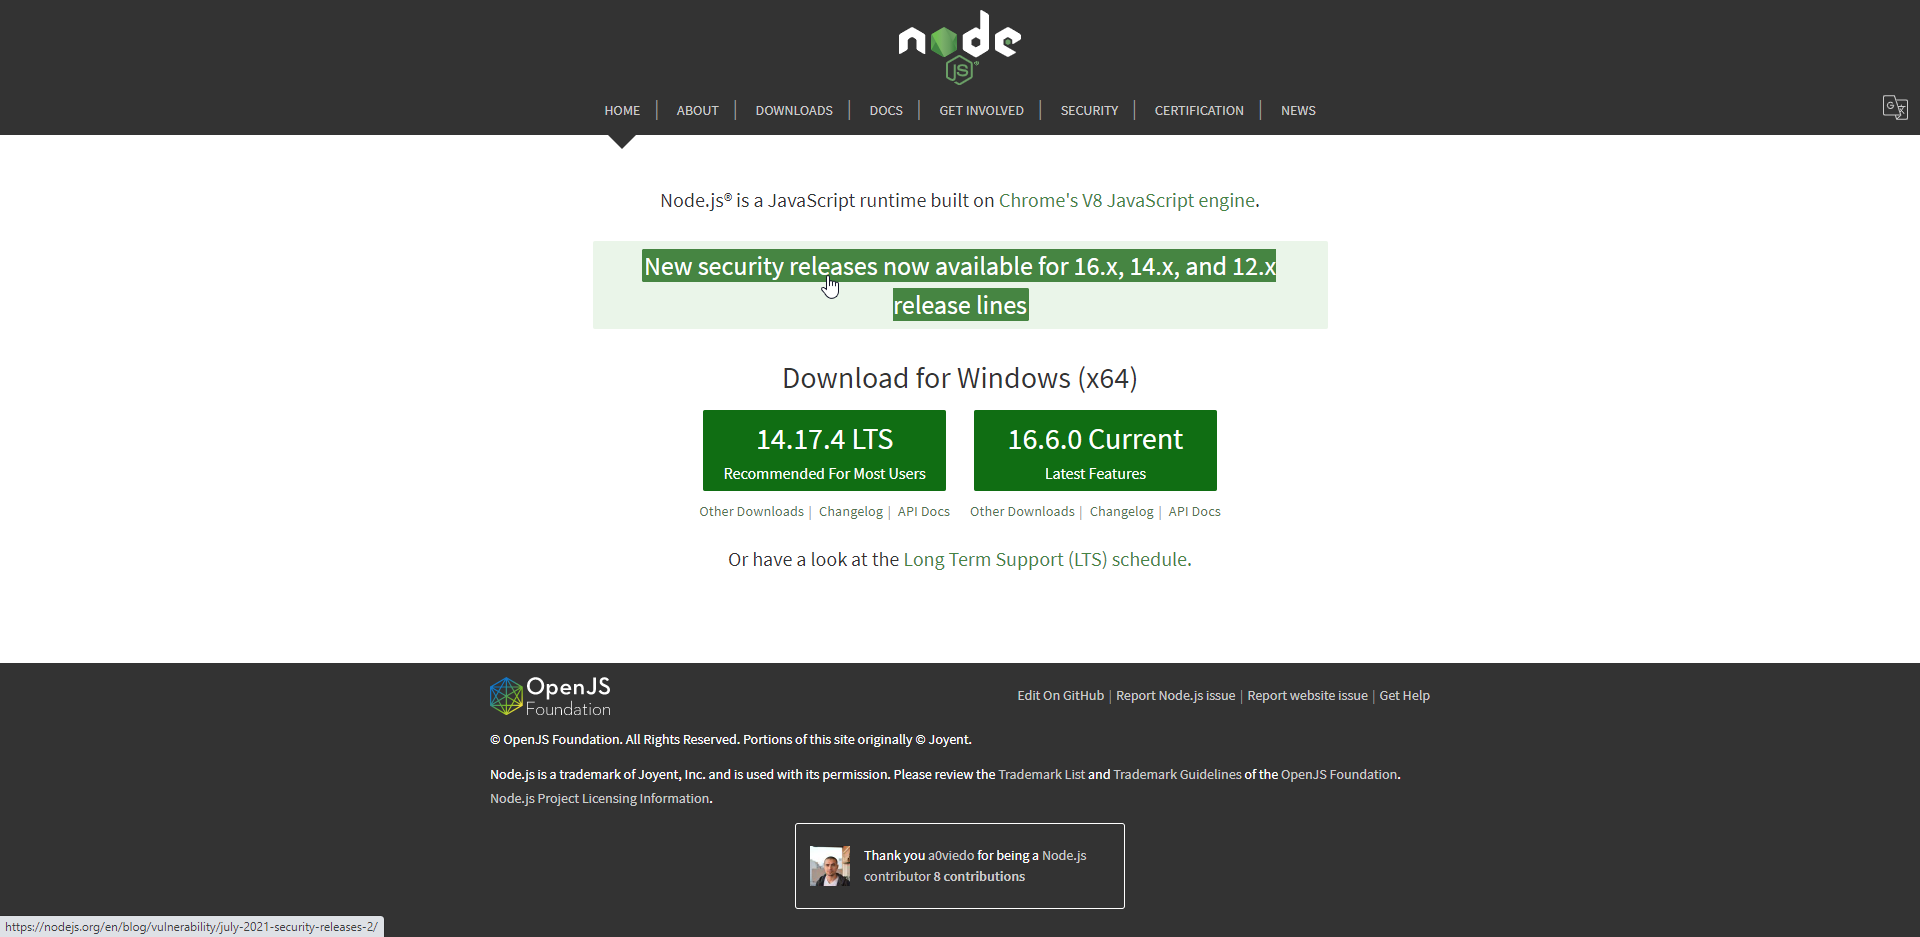 Node.js development